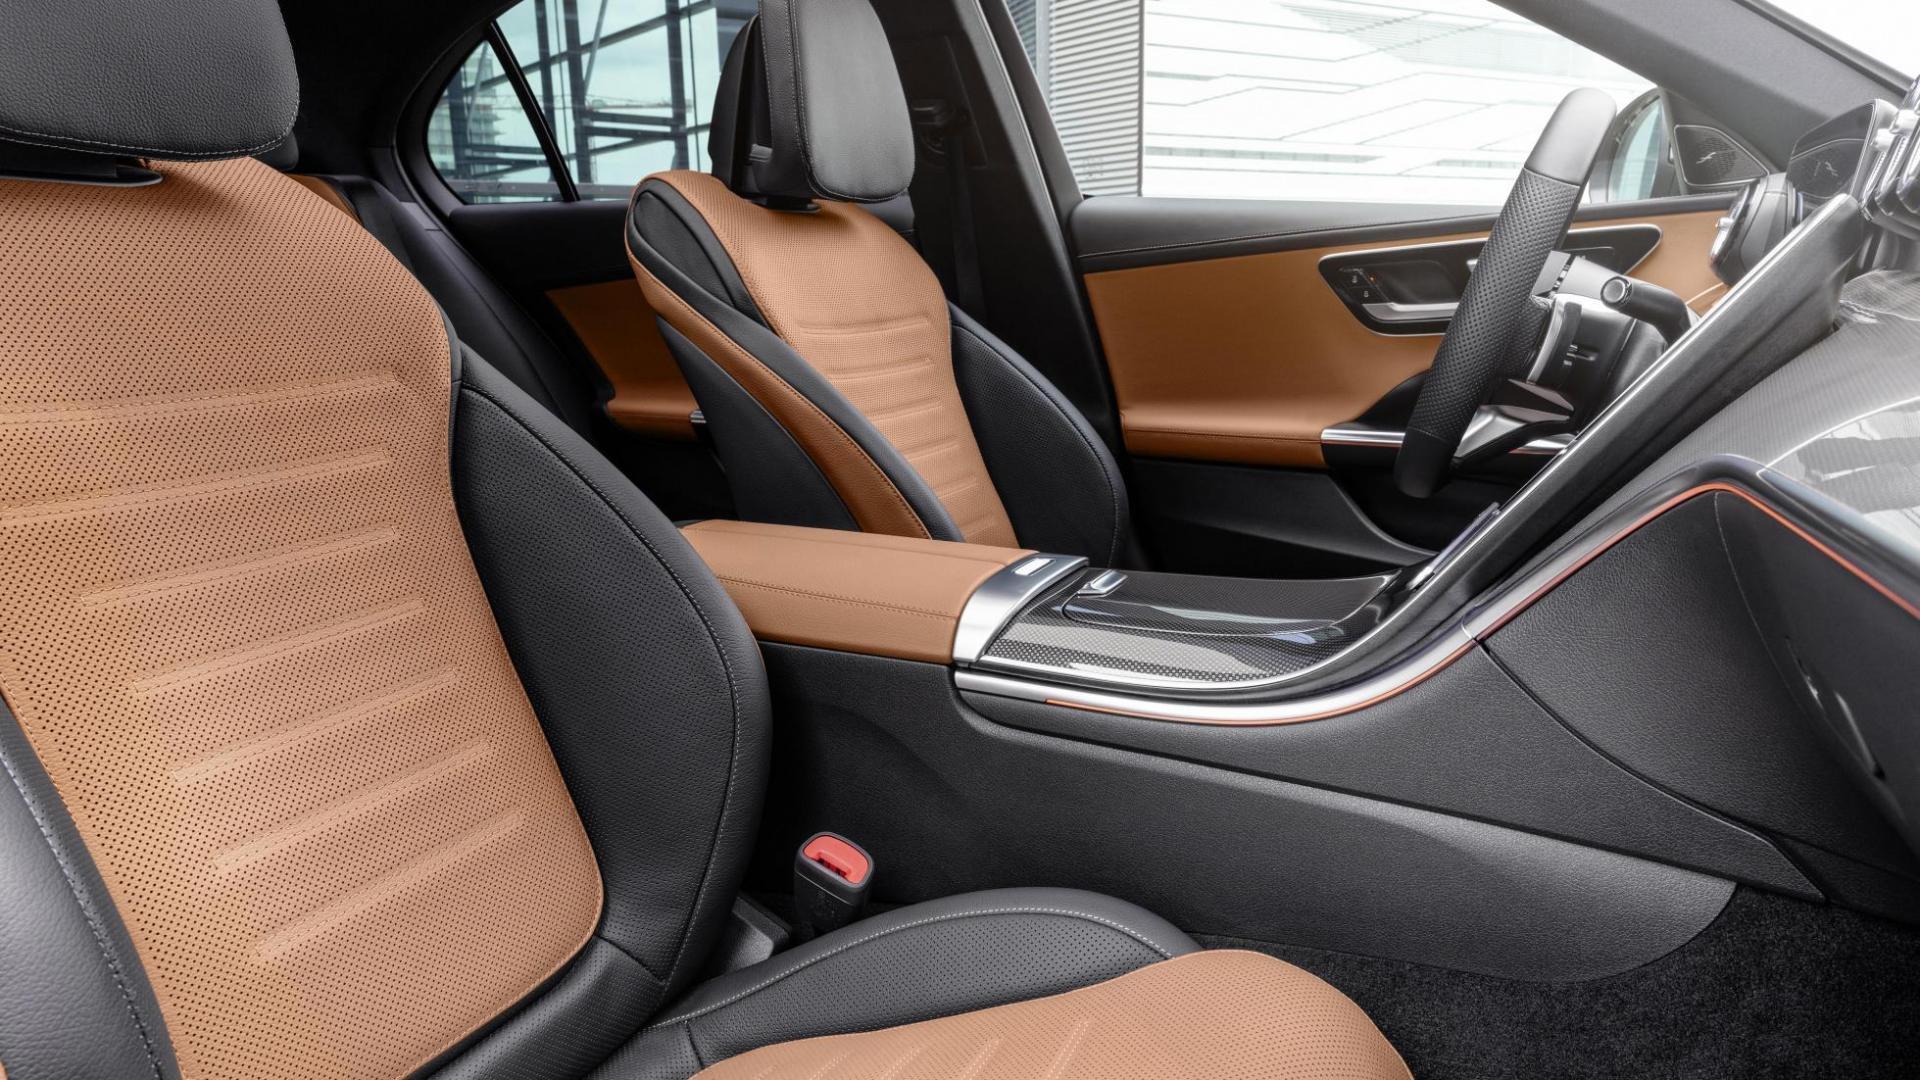 Interieur Mercedes C-klasse Sedan (2021) (W206)